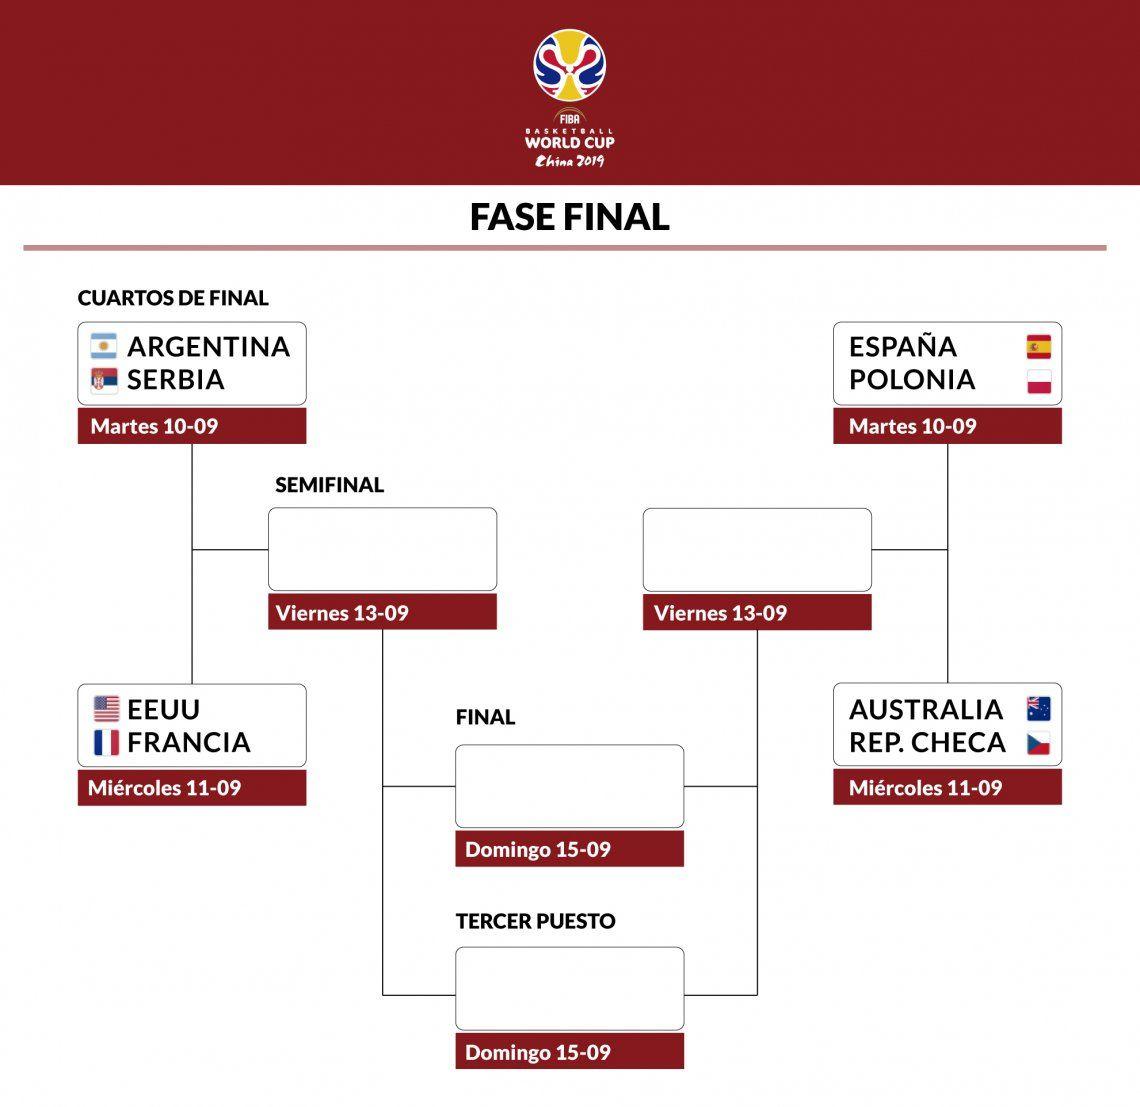 Infografía | Así quedaron los cruces de cuartos de final del Mundial de China